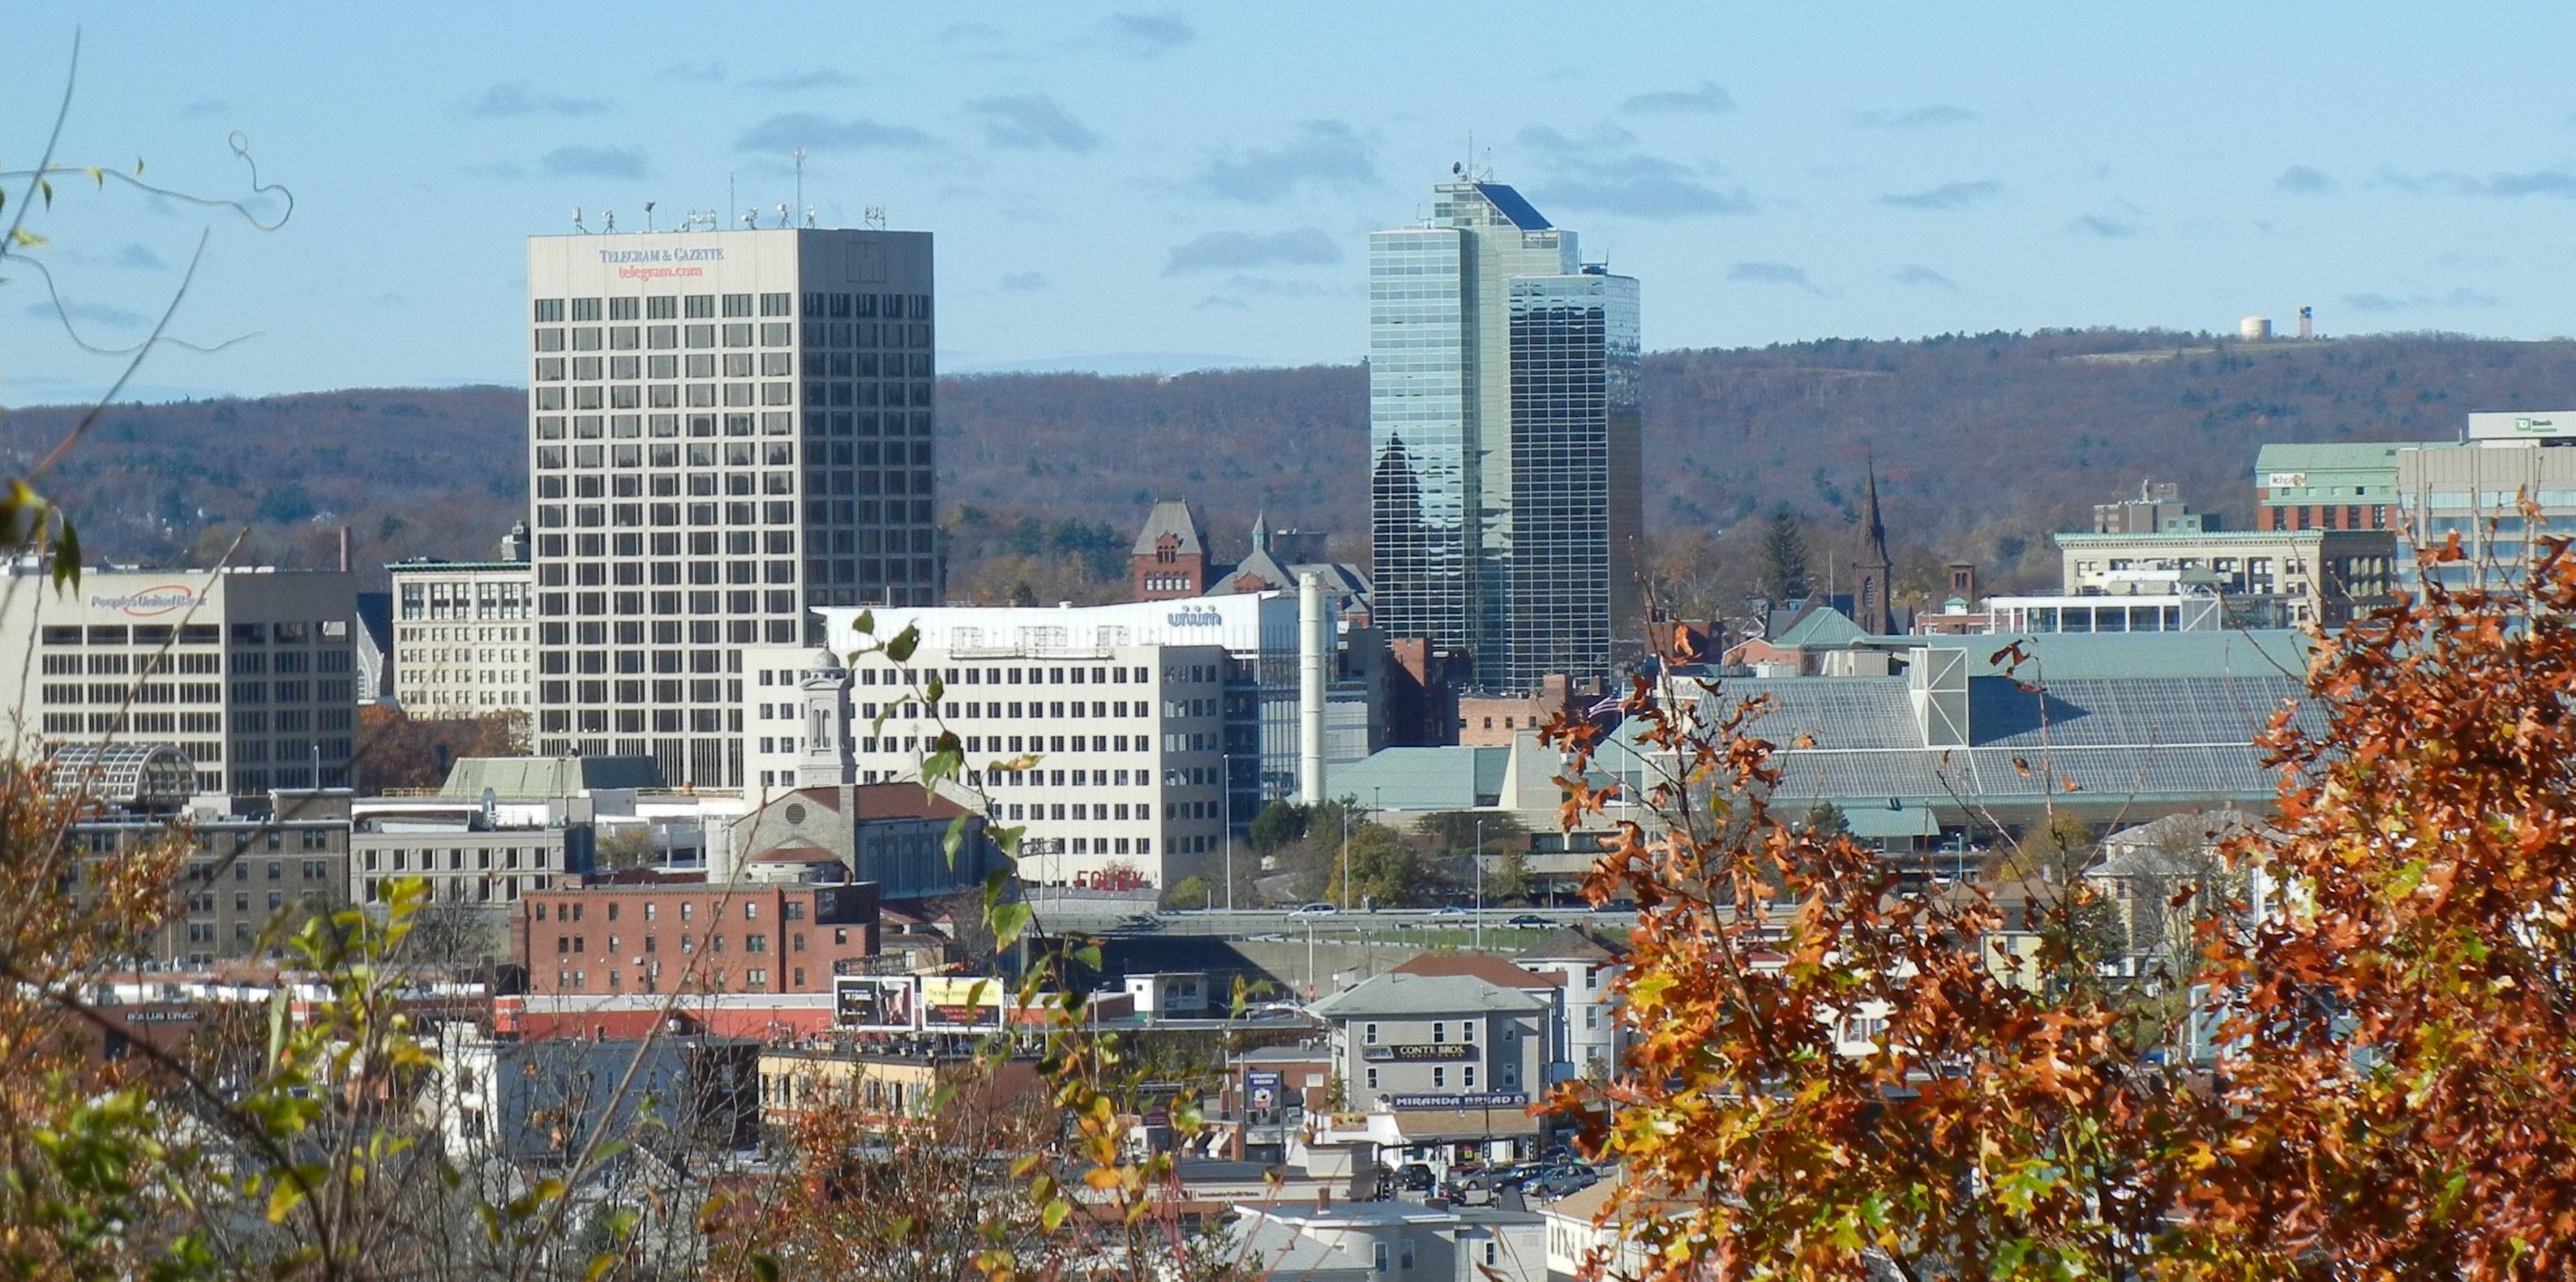 Downtown_Worcester__Massachusetts.jpg